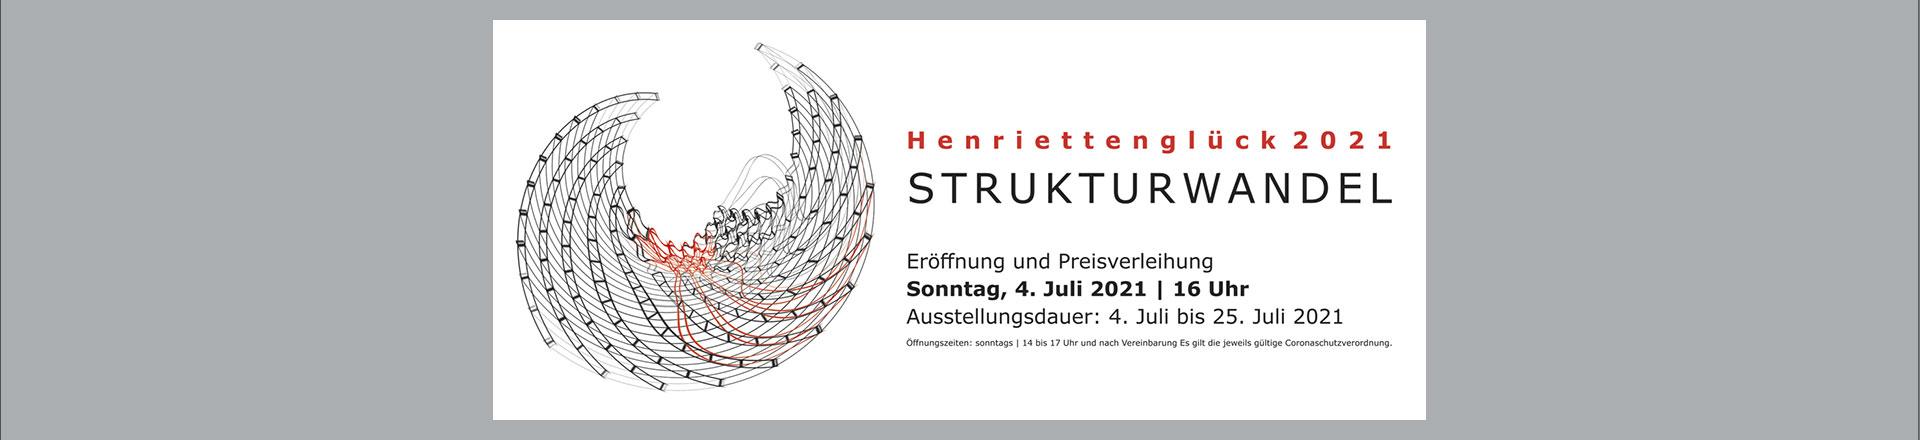 Henriettenglück 4 – Strukturwandel